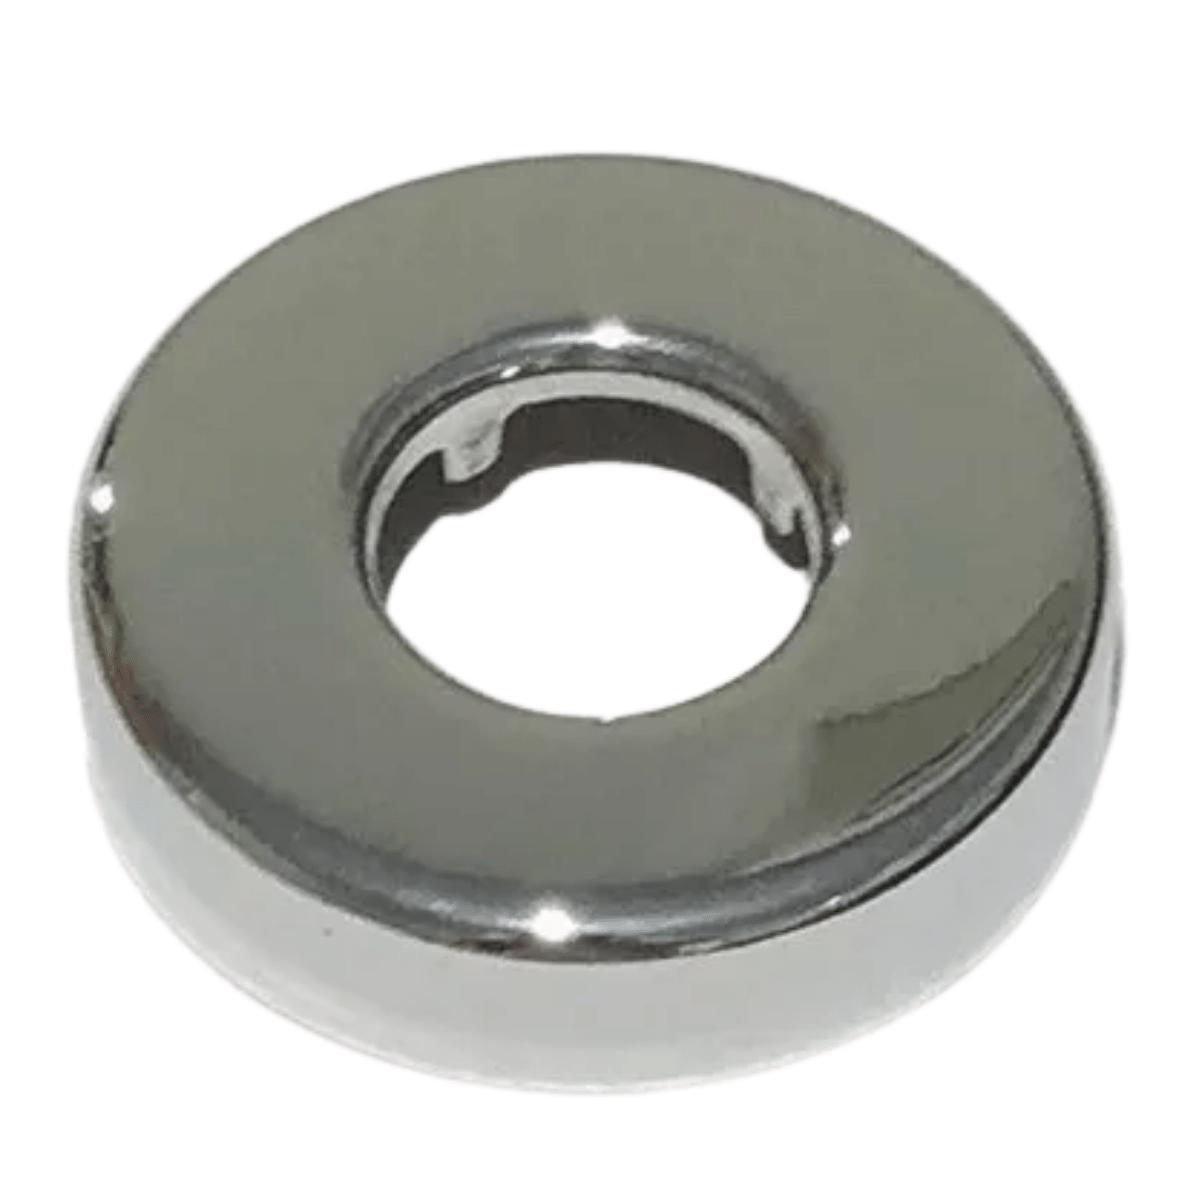 Canopla De 1/2 Metal Cromado Chuveiro Torneira Fabrimar 1086